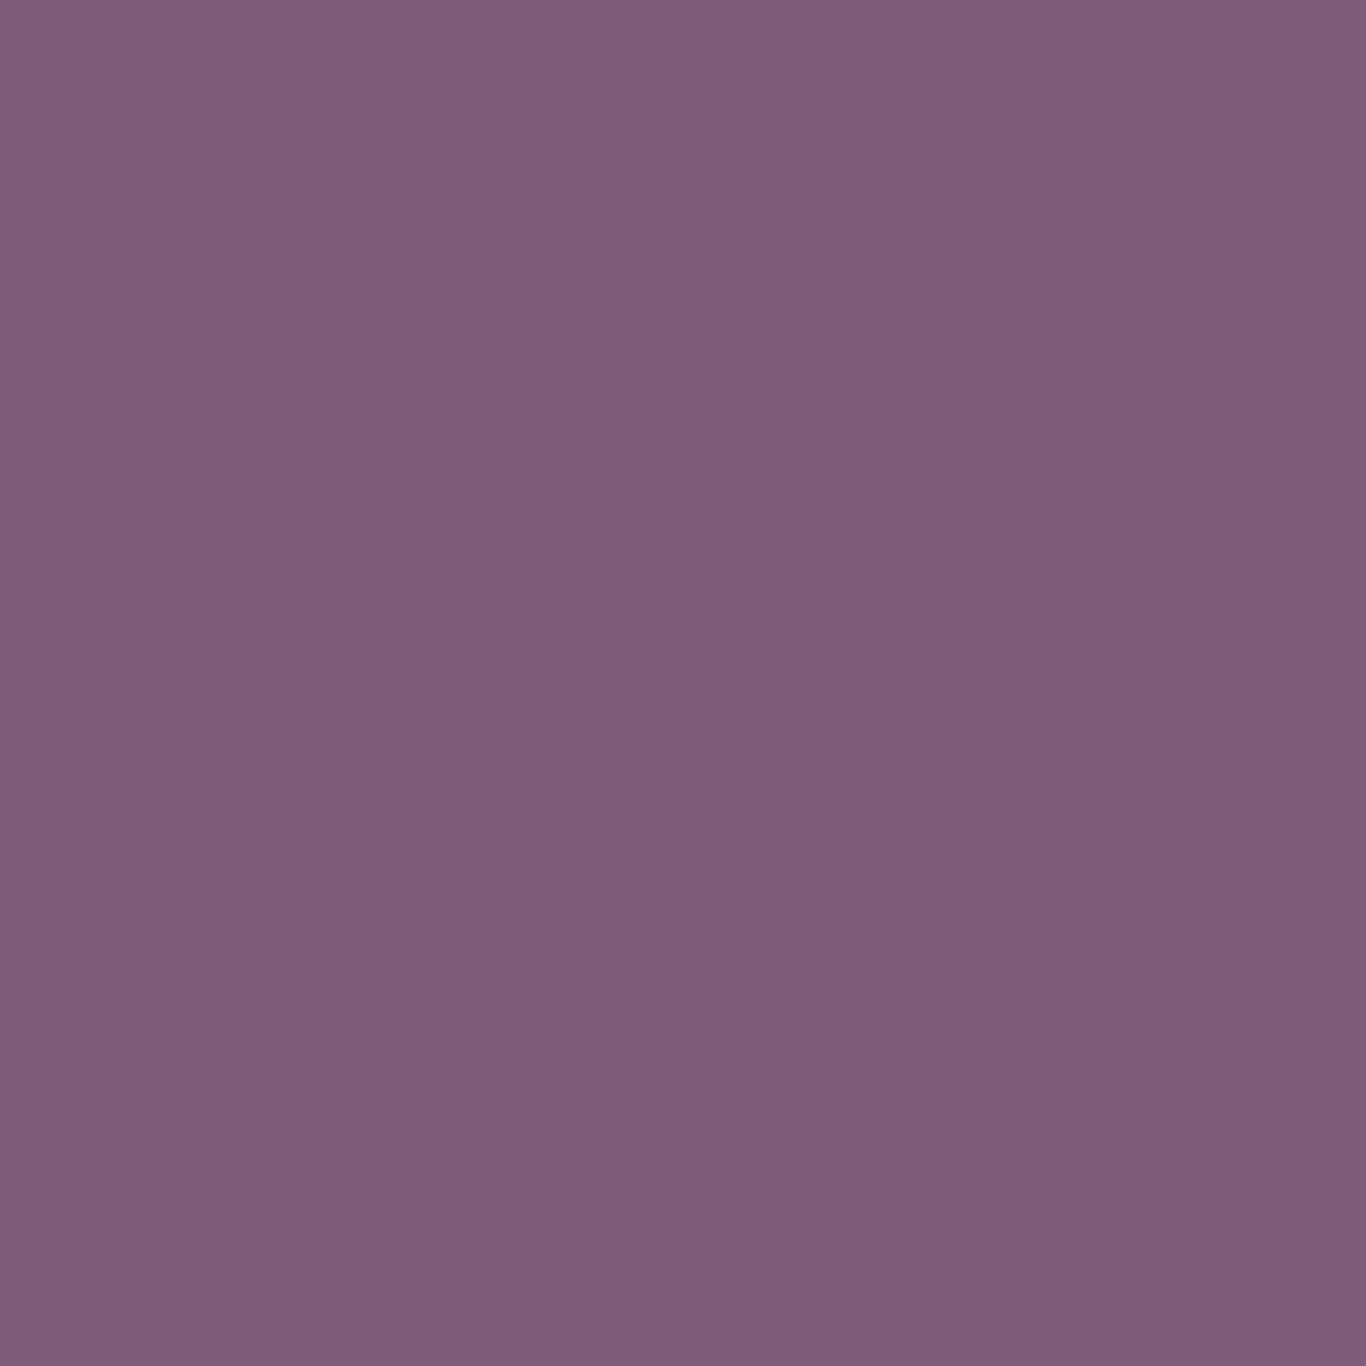 Sanderson Paint Meadow Violet